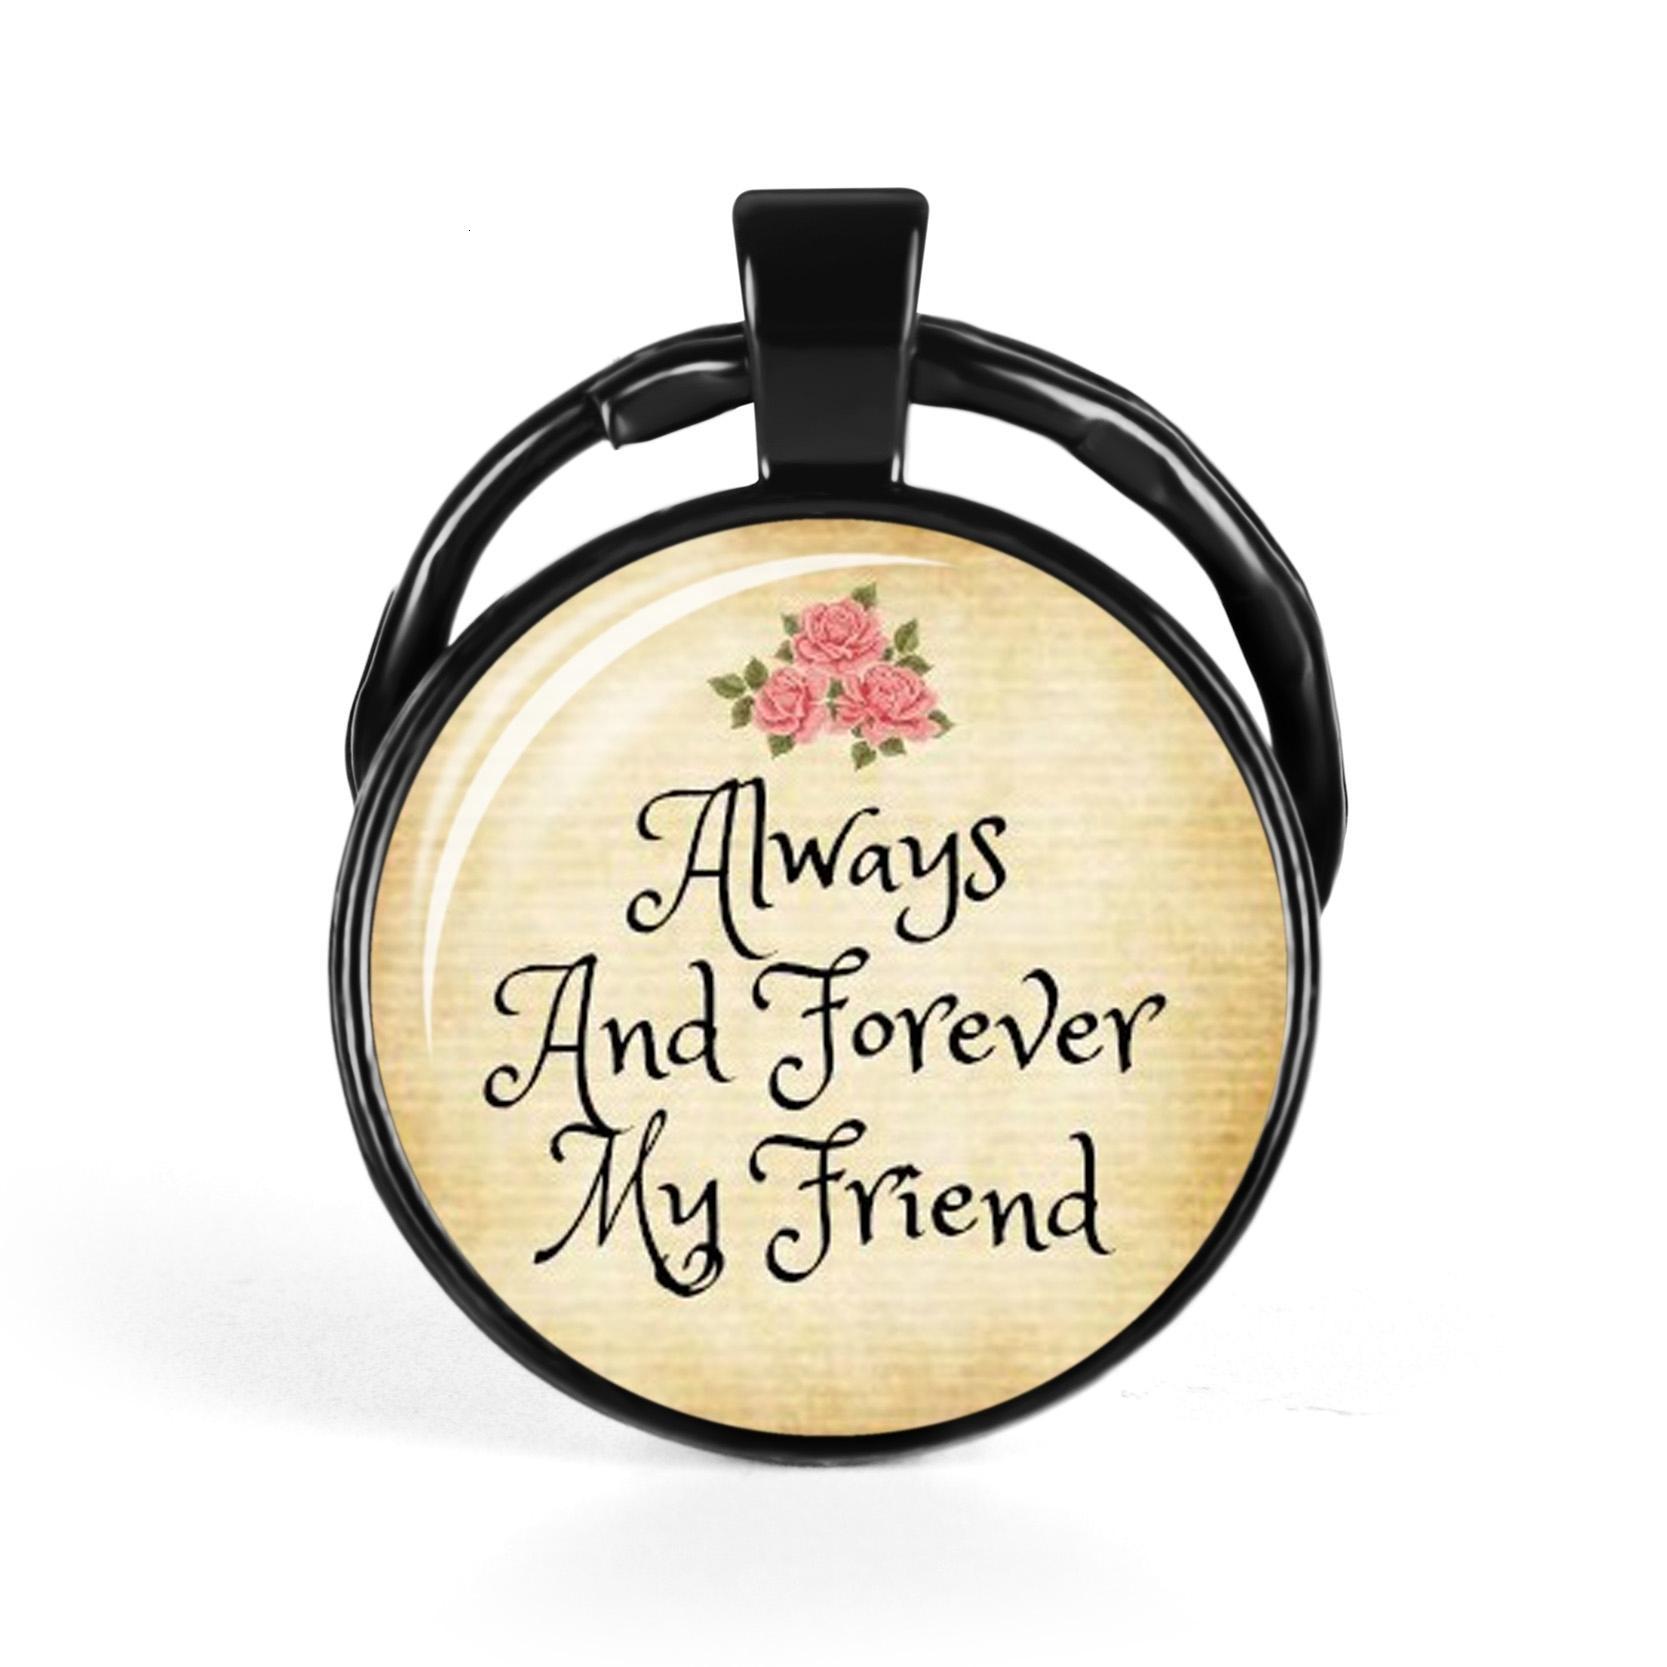 Я люблю, что ты мой друг брелок Стеклянный купол брелоков Подвески Рождество Шарм Подарок ювелирных изделий способа Friendship подарков